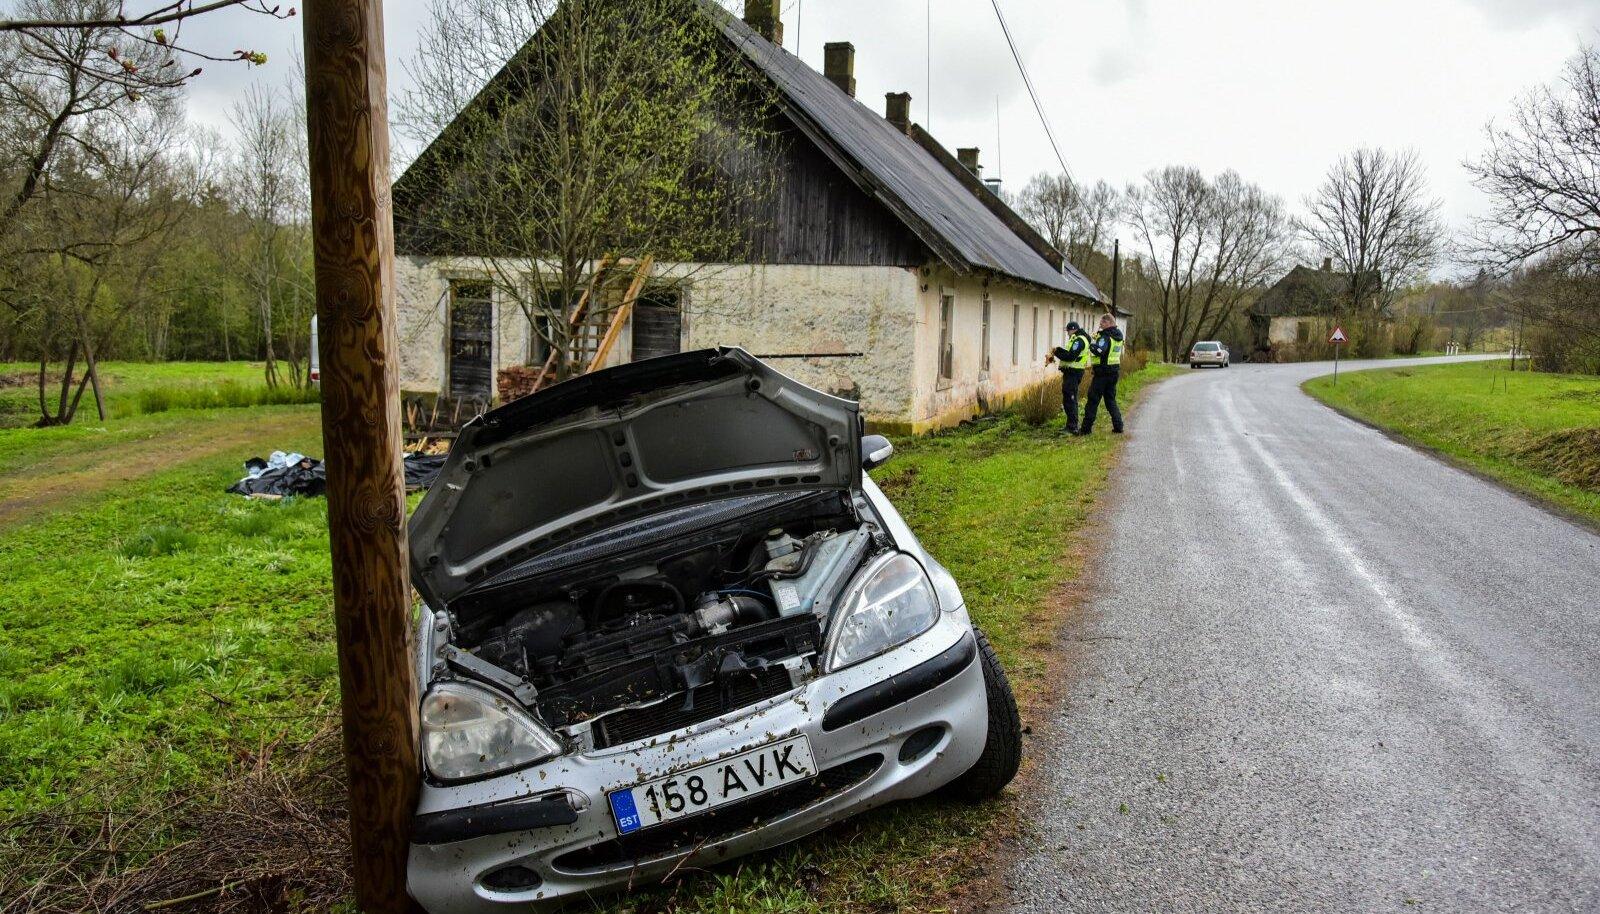 Viljandimaal põhjustas joobes juht avarii ning põgenes sündmsukohalt